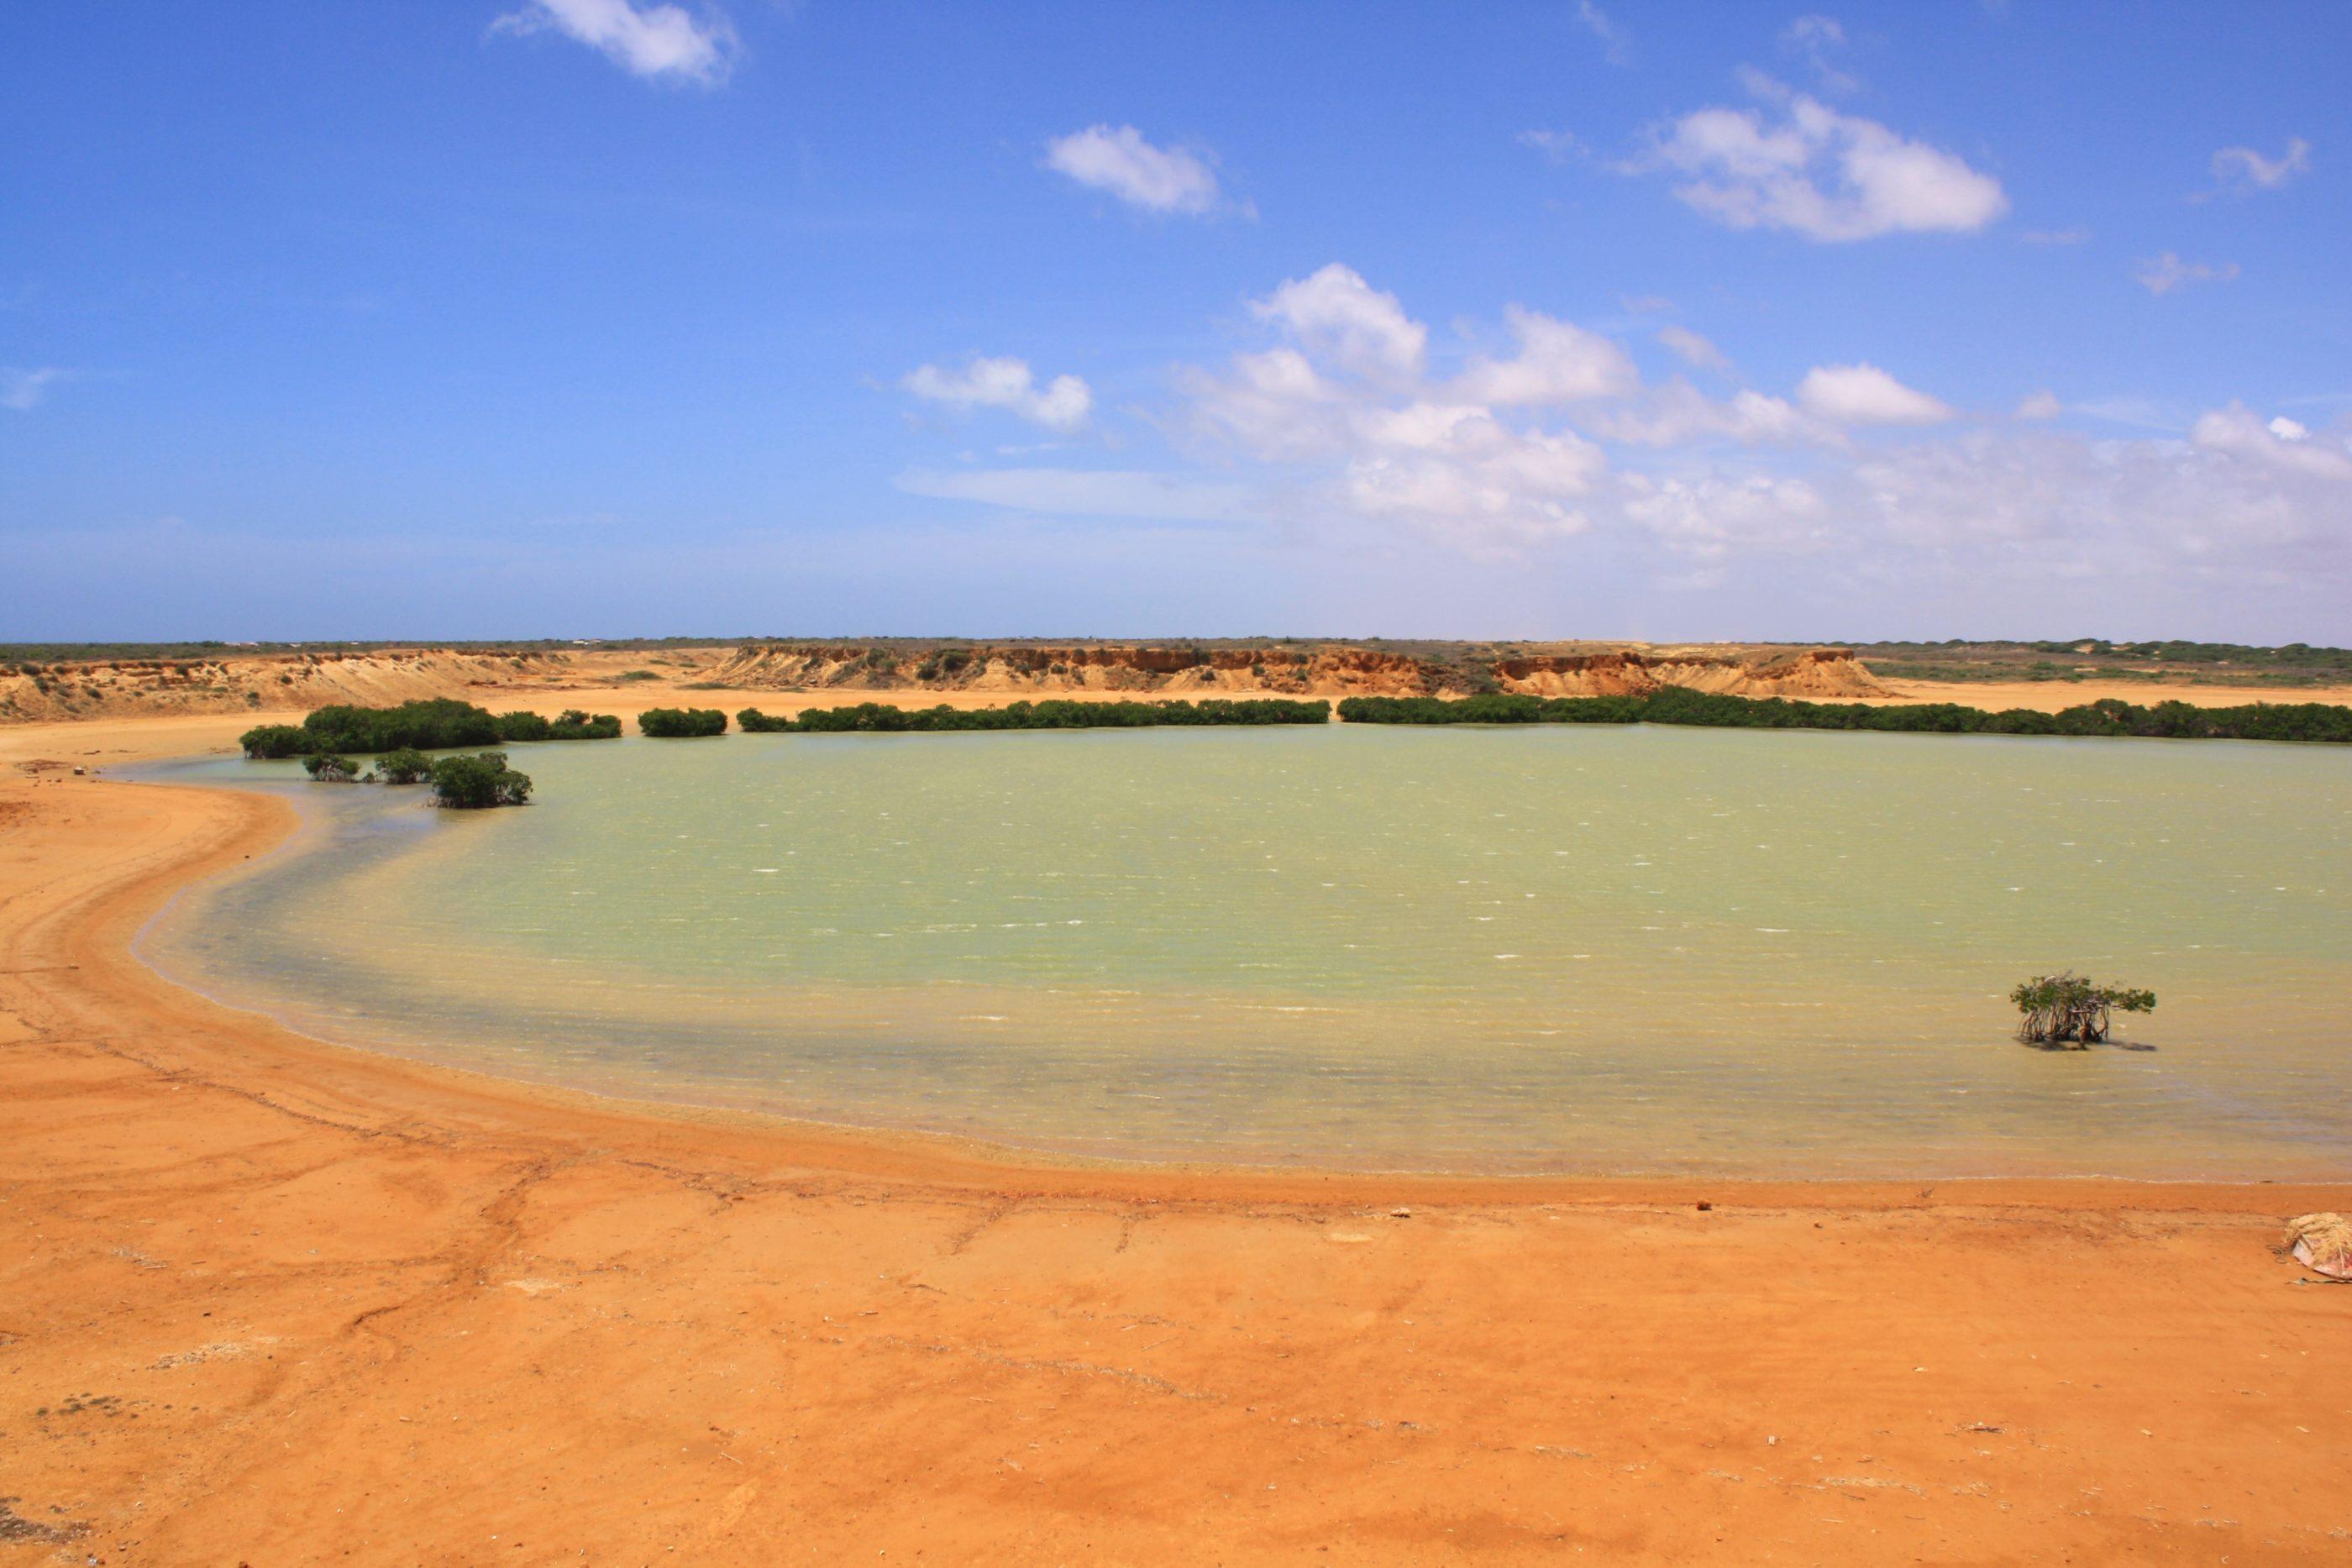 An der Spitze des Kontinents auf der Halbinsel La Guajira